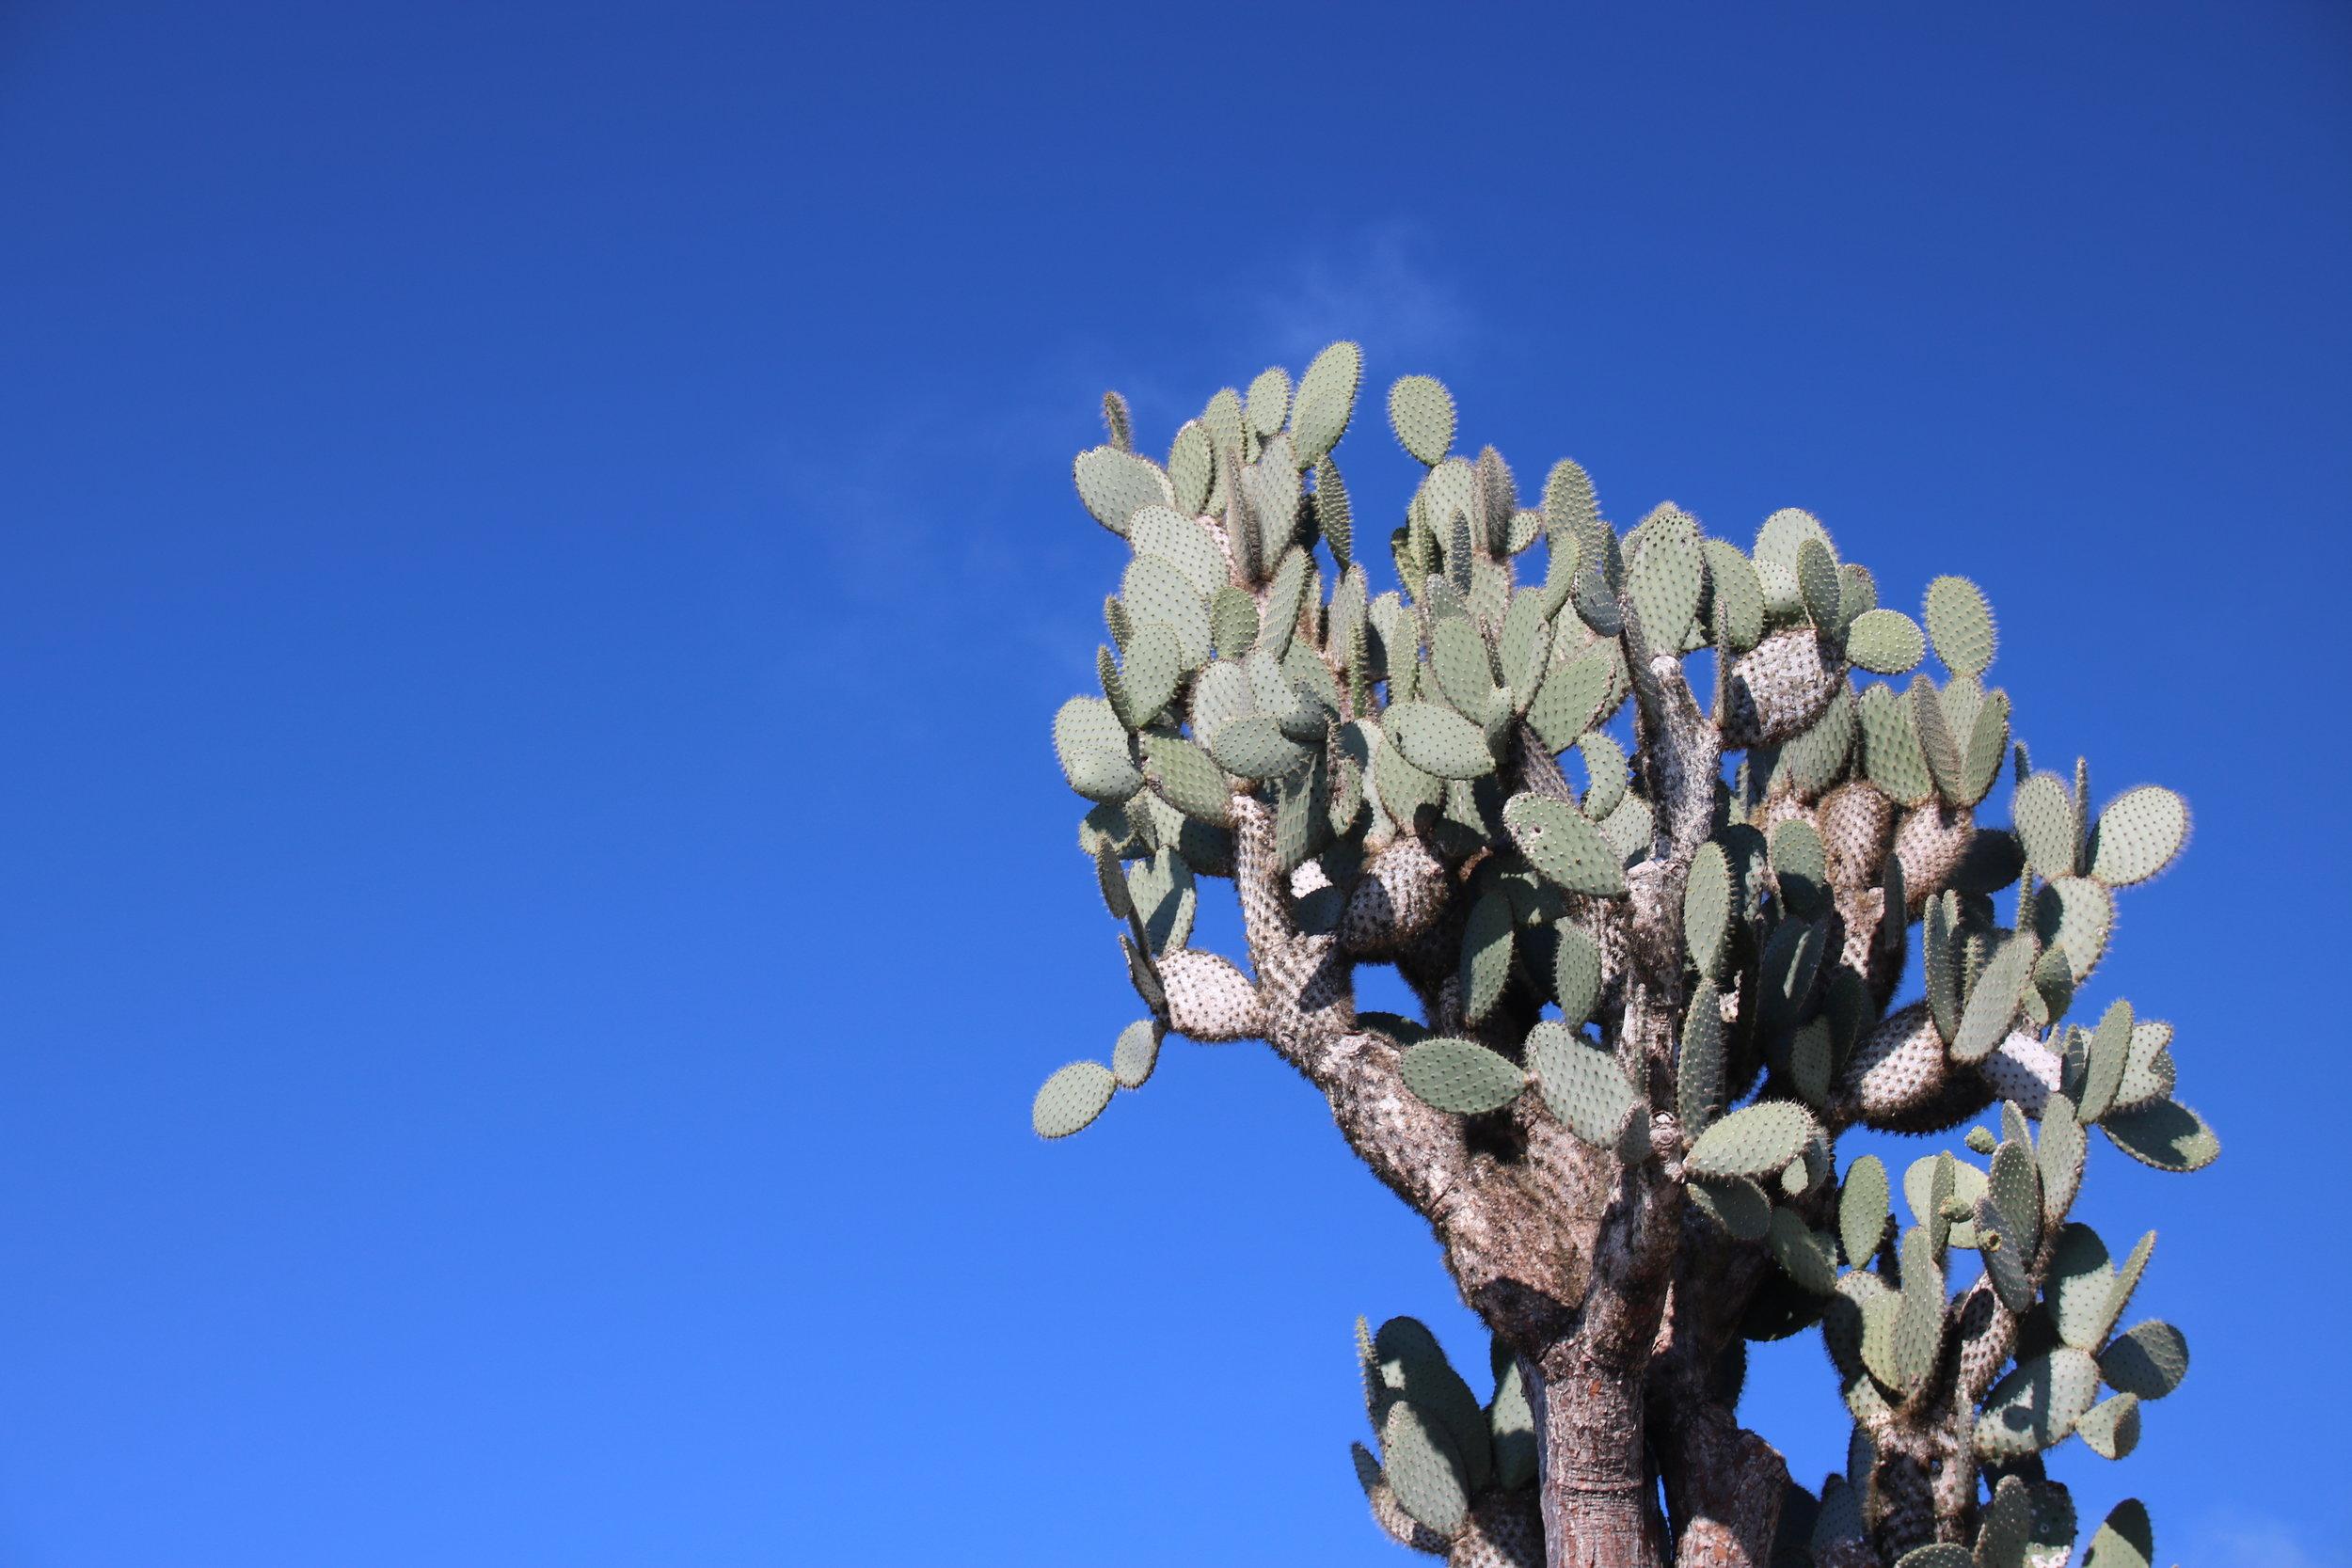 Cactus, Galapagos islands